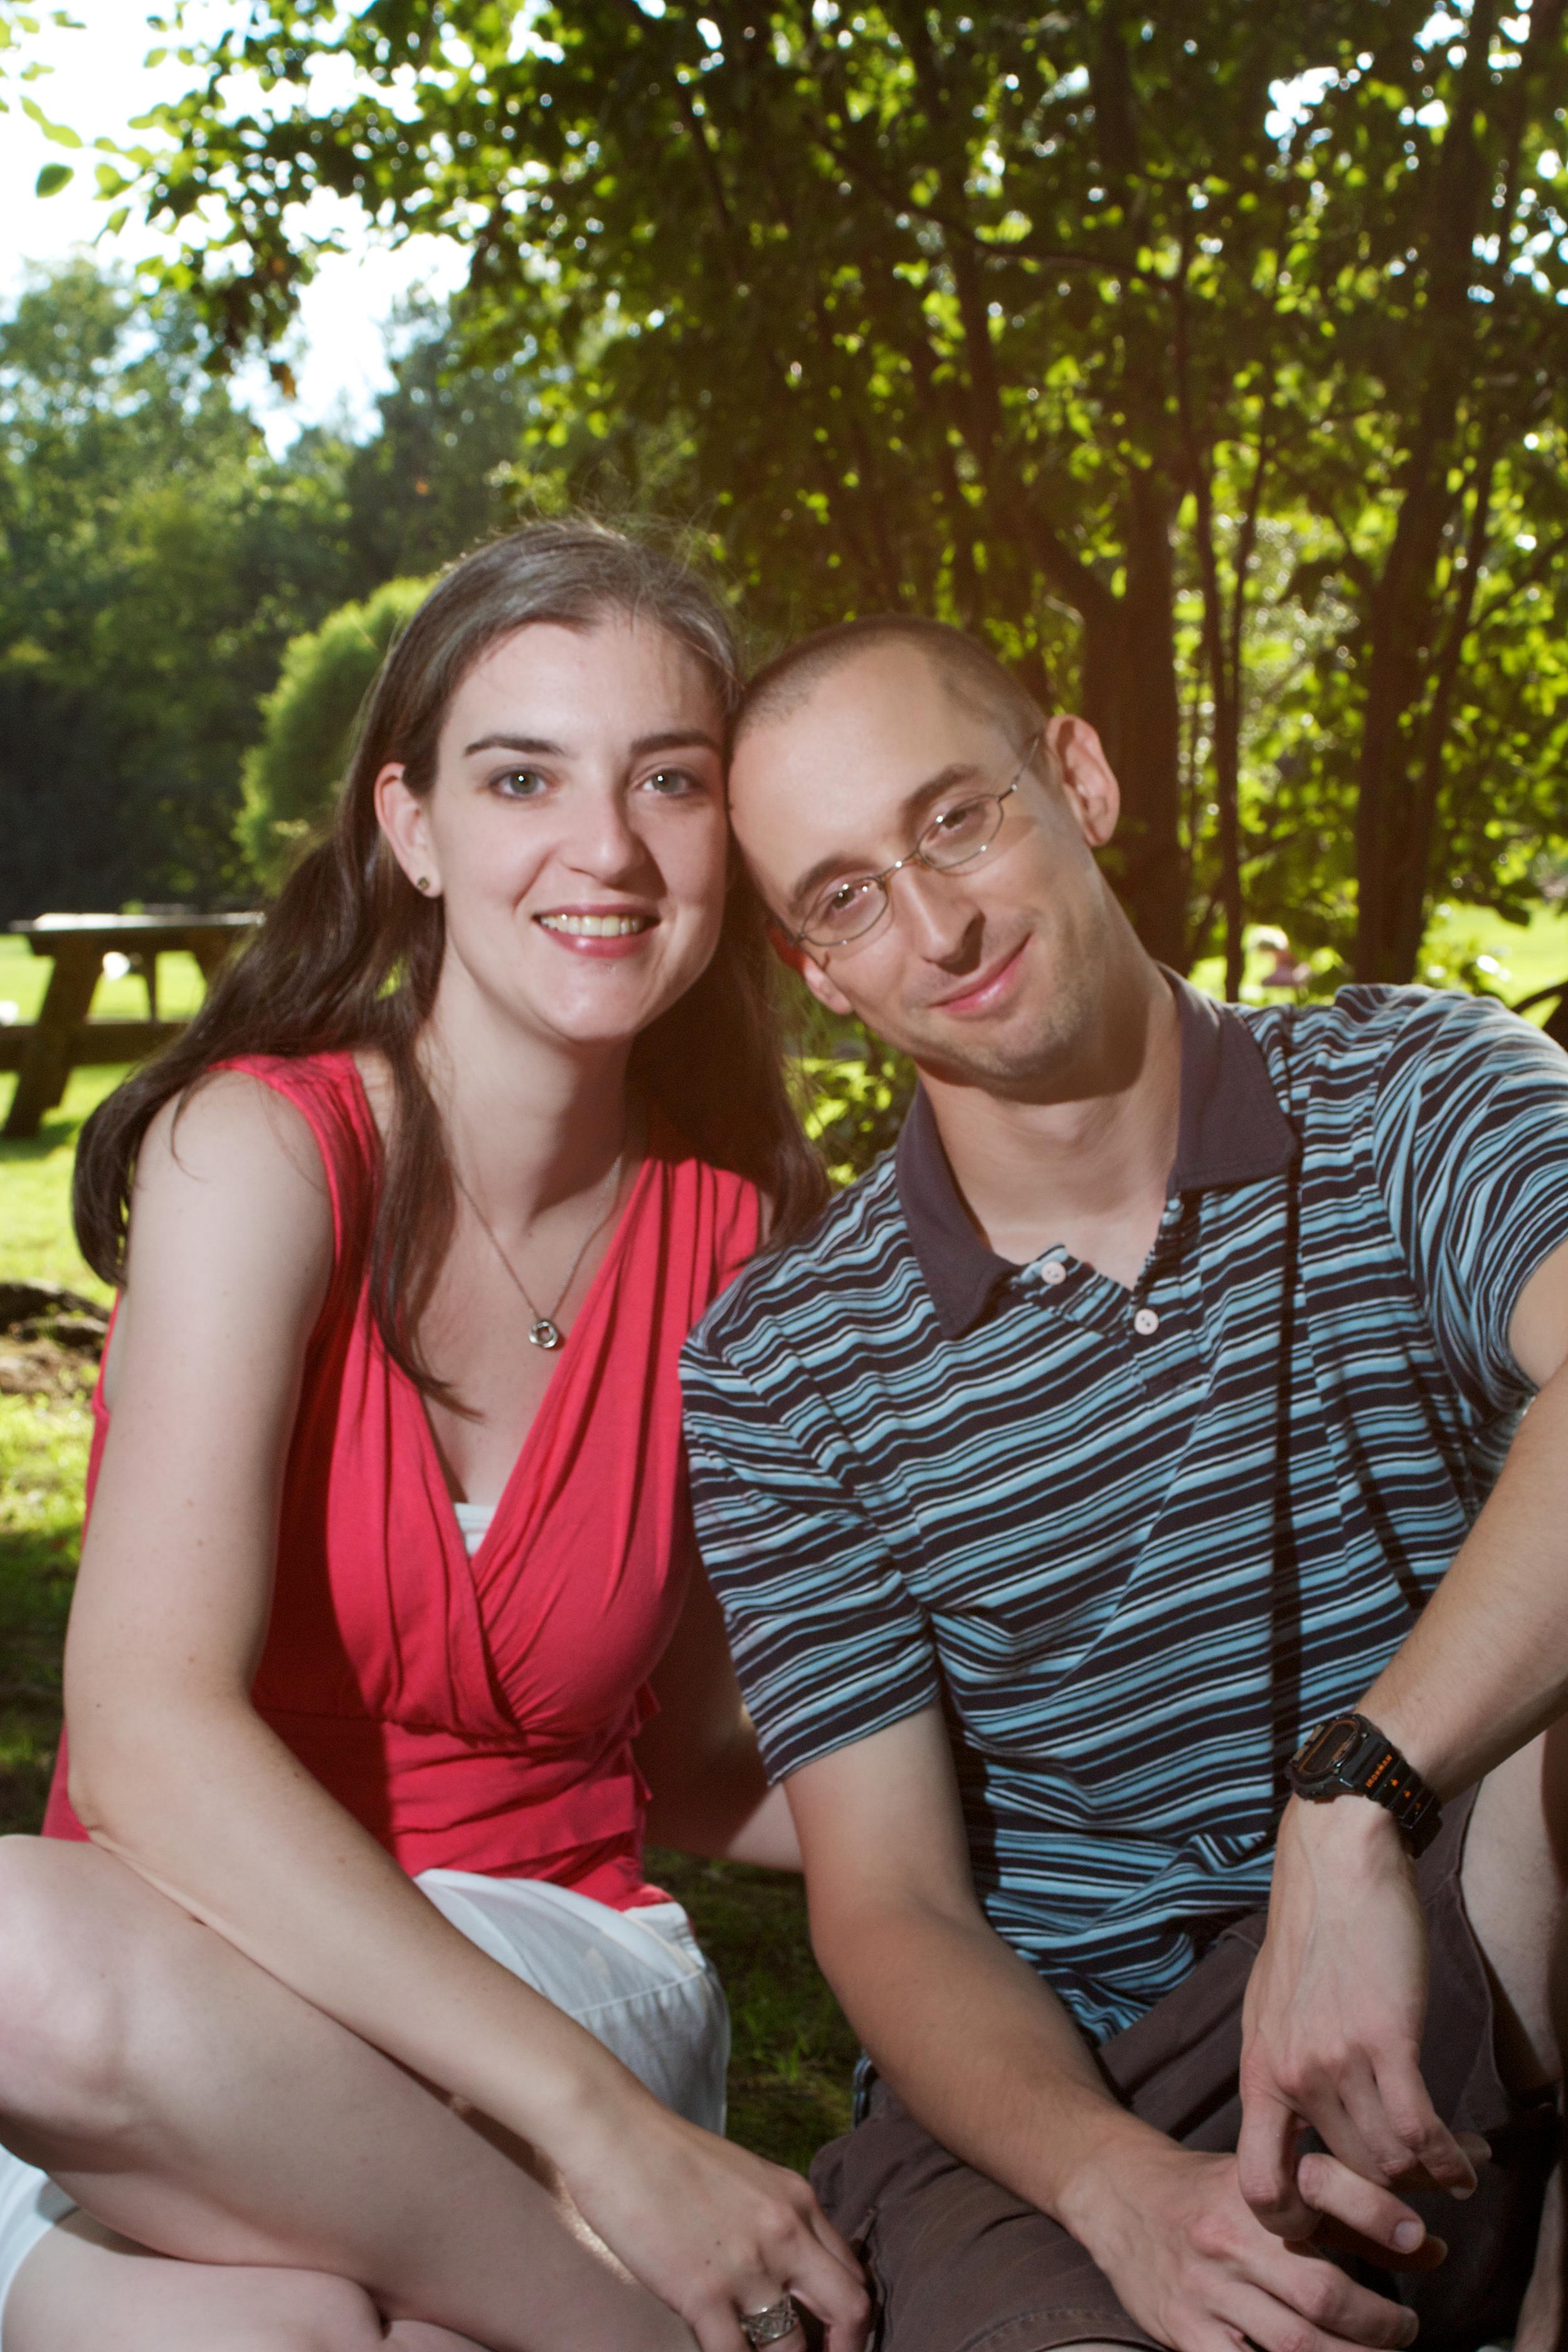 Megan and Bryan